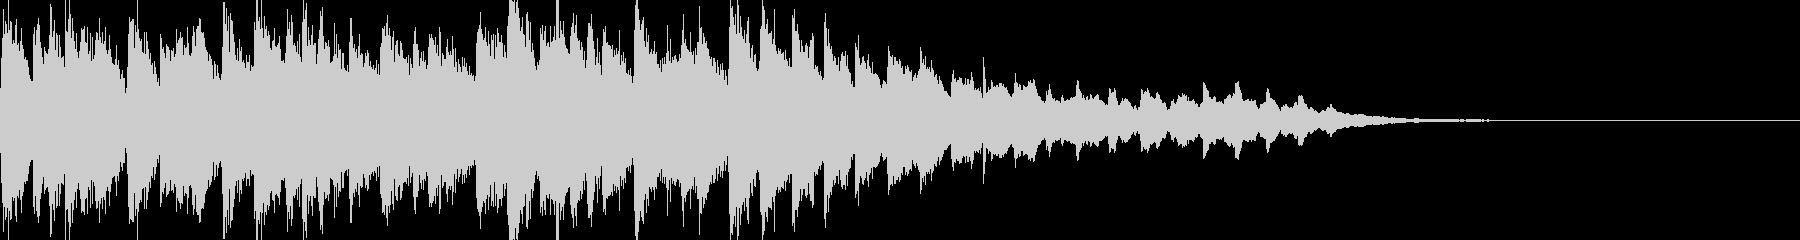 幻想的なシンセサウンドロゴの未再生の波形